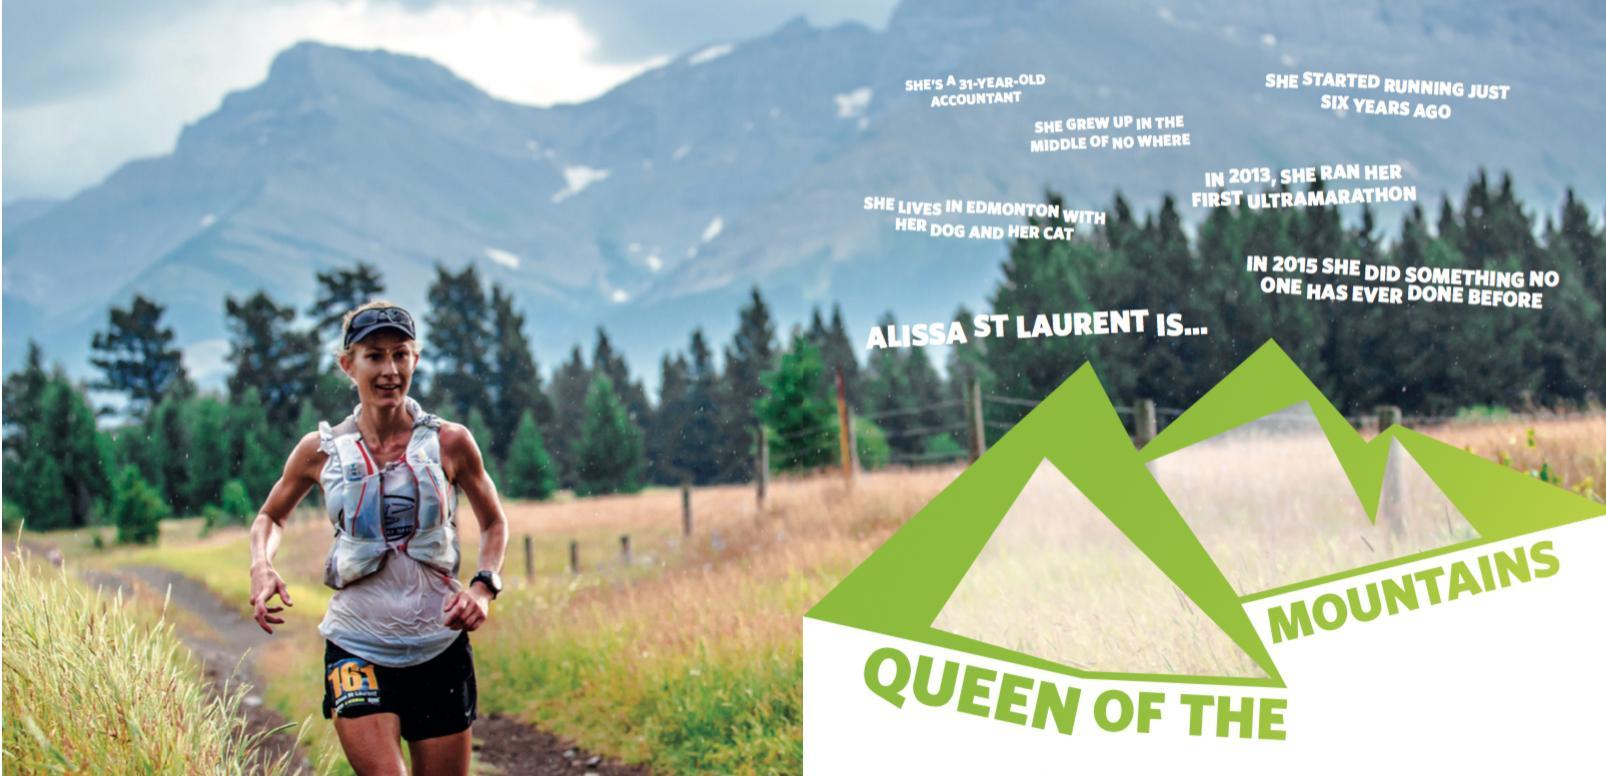 Alissa St. Laurent, Ultra Marathoner